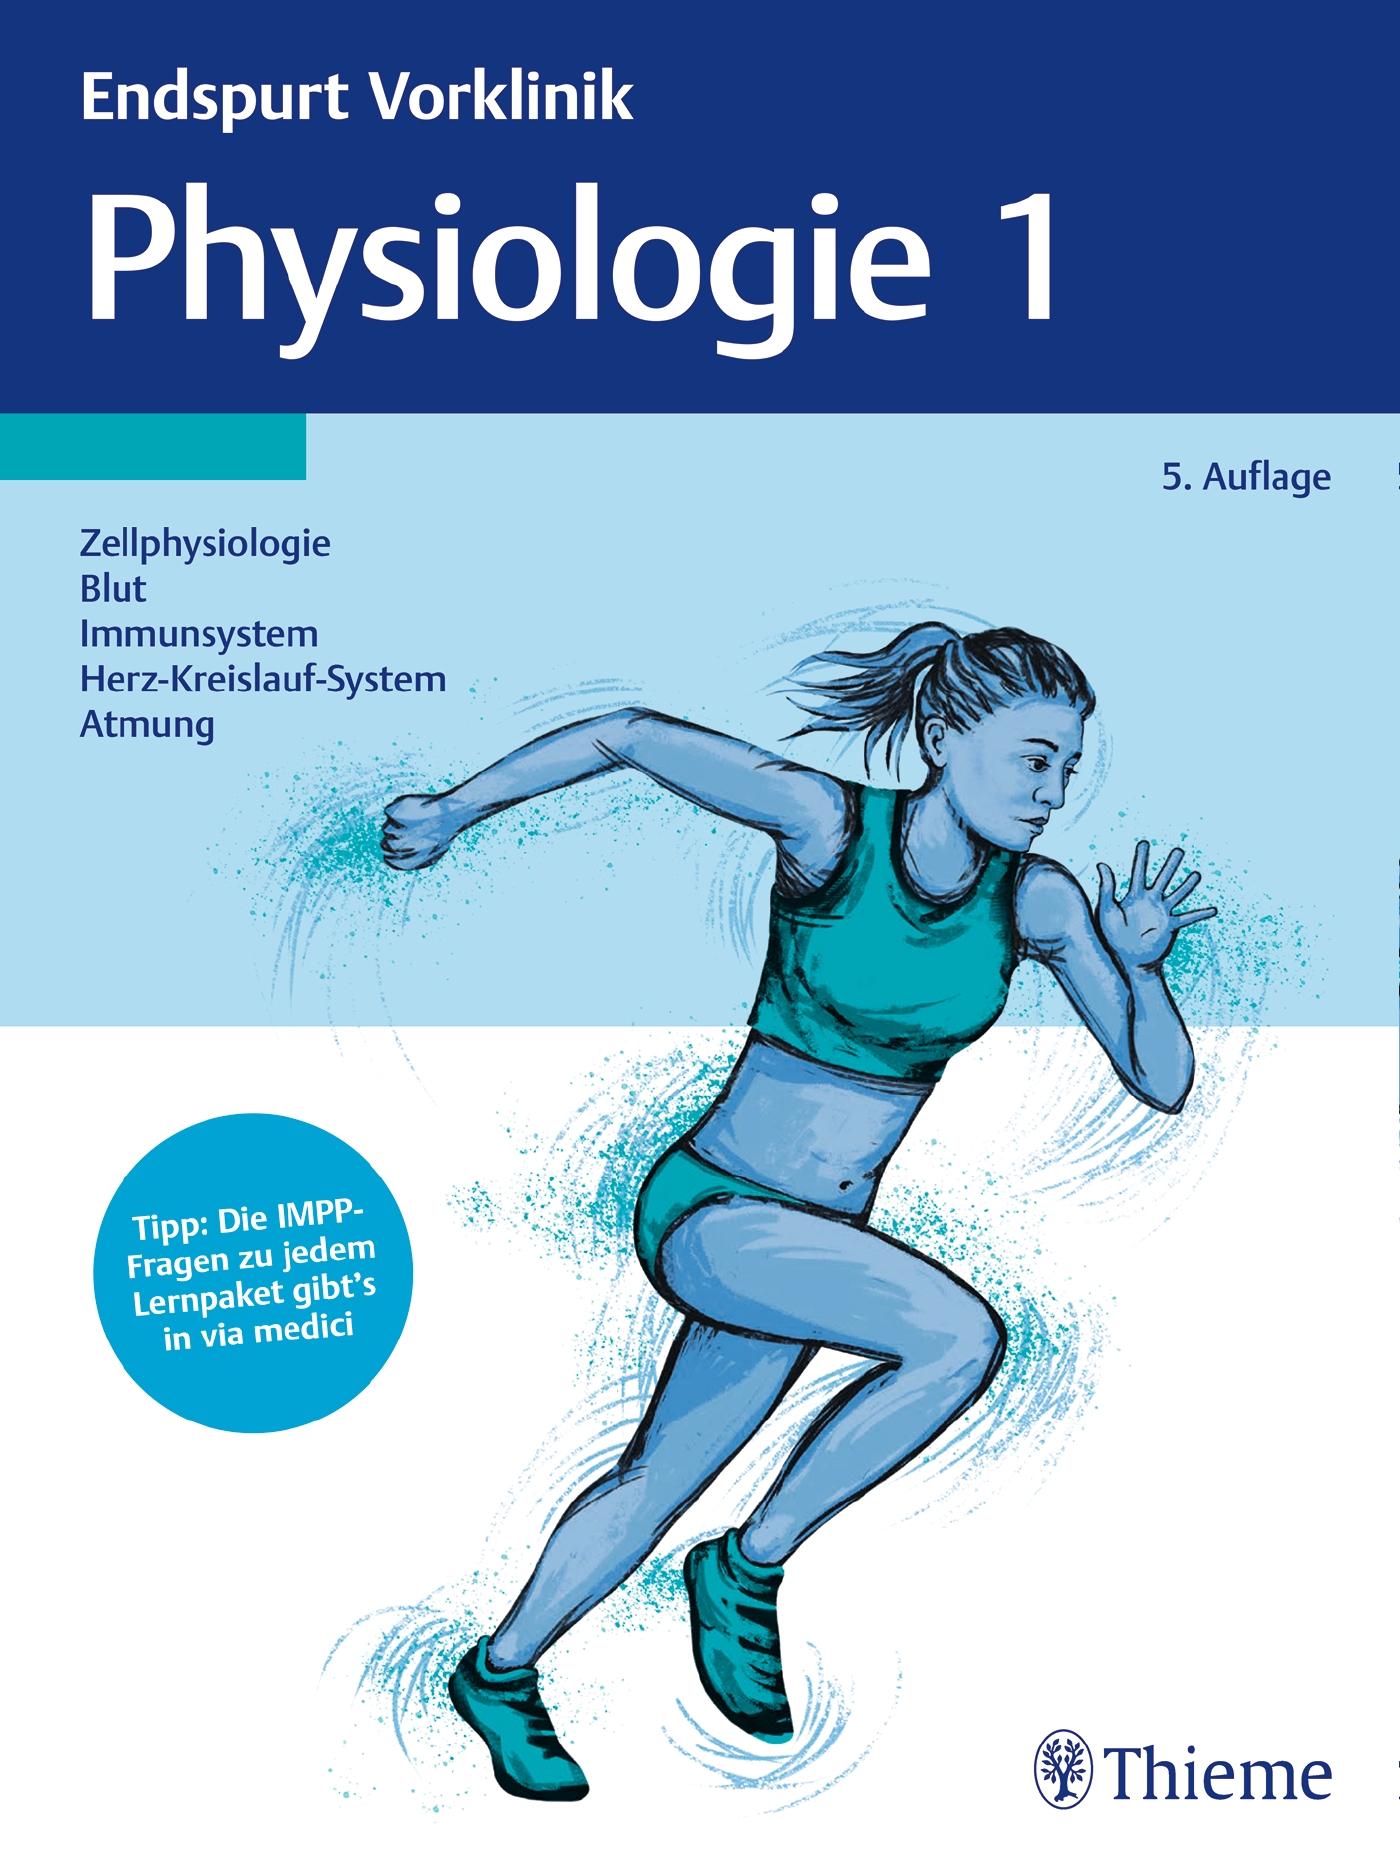 Endspurt Vorklinik: Physiologie 1